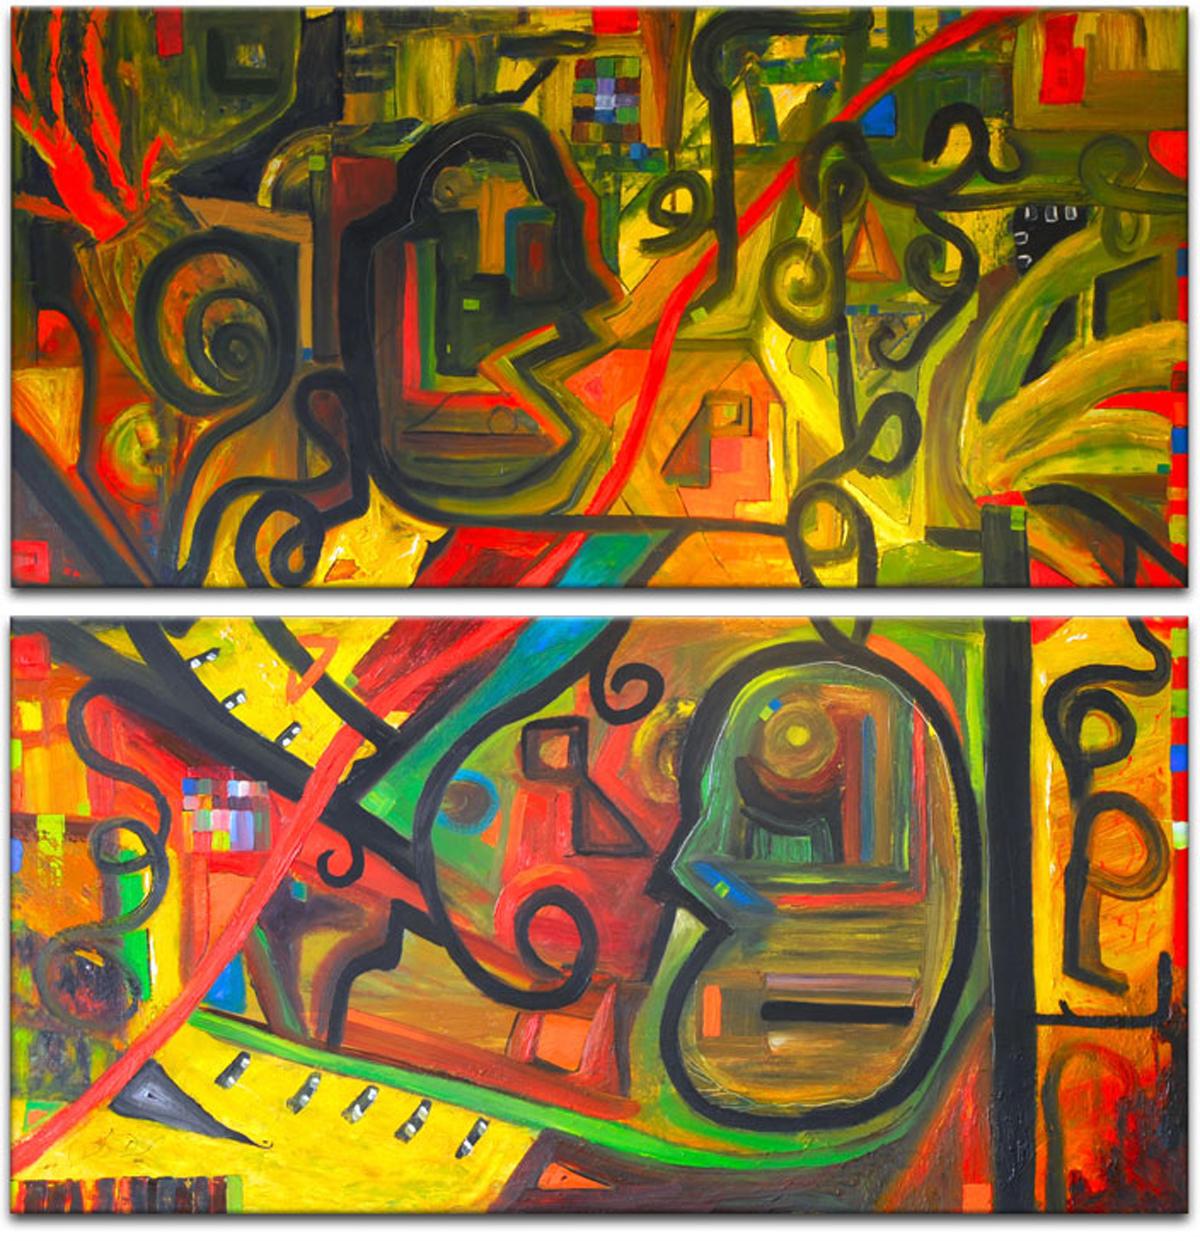 Картина модульная Картиномания Каракули, 70 х 70 смАРТ-М422SМодульная картина Картиномания - это прекрасное решение для декора помещения. Картинасостоит из двух модулей. Цифровая печать. Холст натянут на деревянный подрамникгалерейной натяжкой и закреплен с обратной стороны. Изделие устойчиво к выцветанию. В состав входит комплект креплений и инструкция по креплению на стену.Уход: можно протирать сухой мягкой тканью.